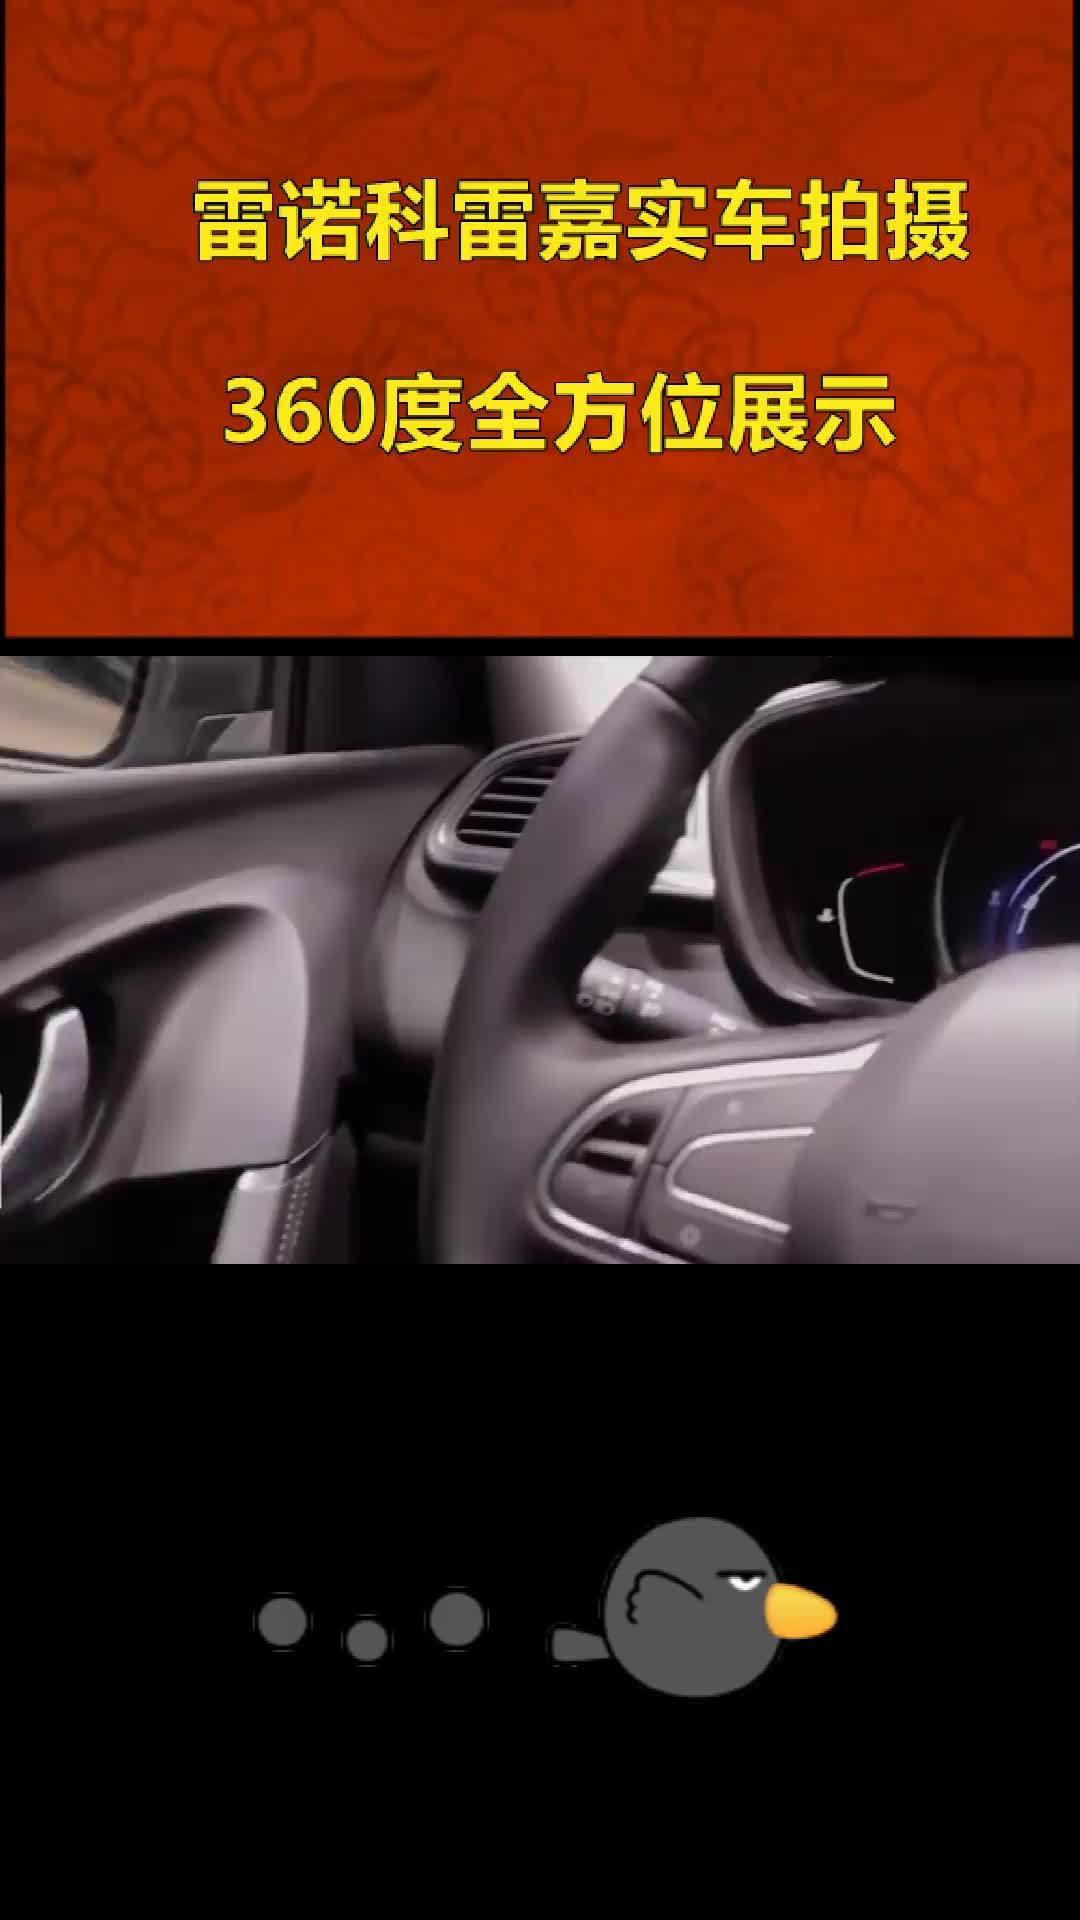 视频:雷诺科雷嘉实车拍摄,360度全方位展示